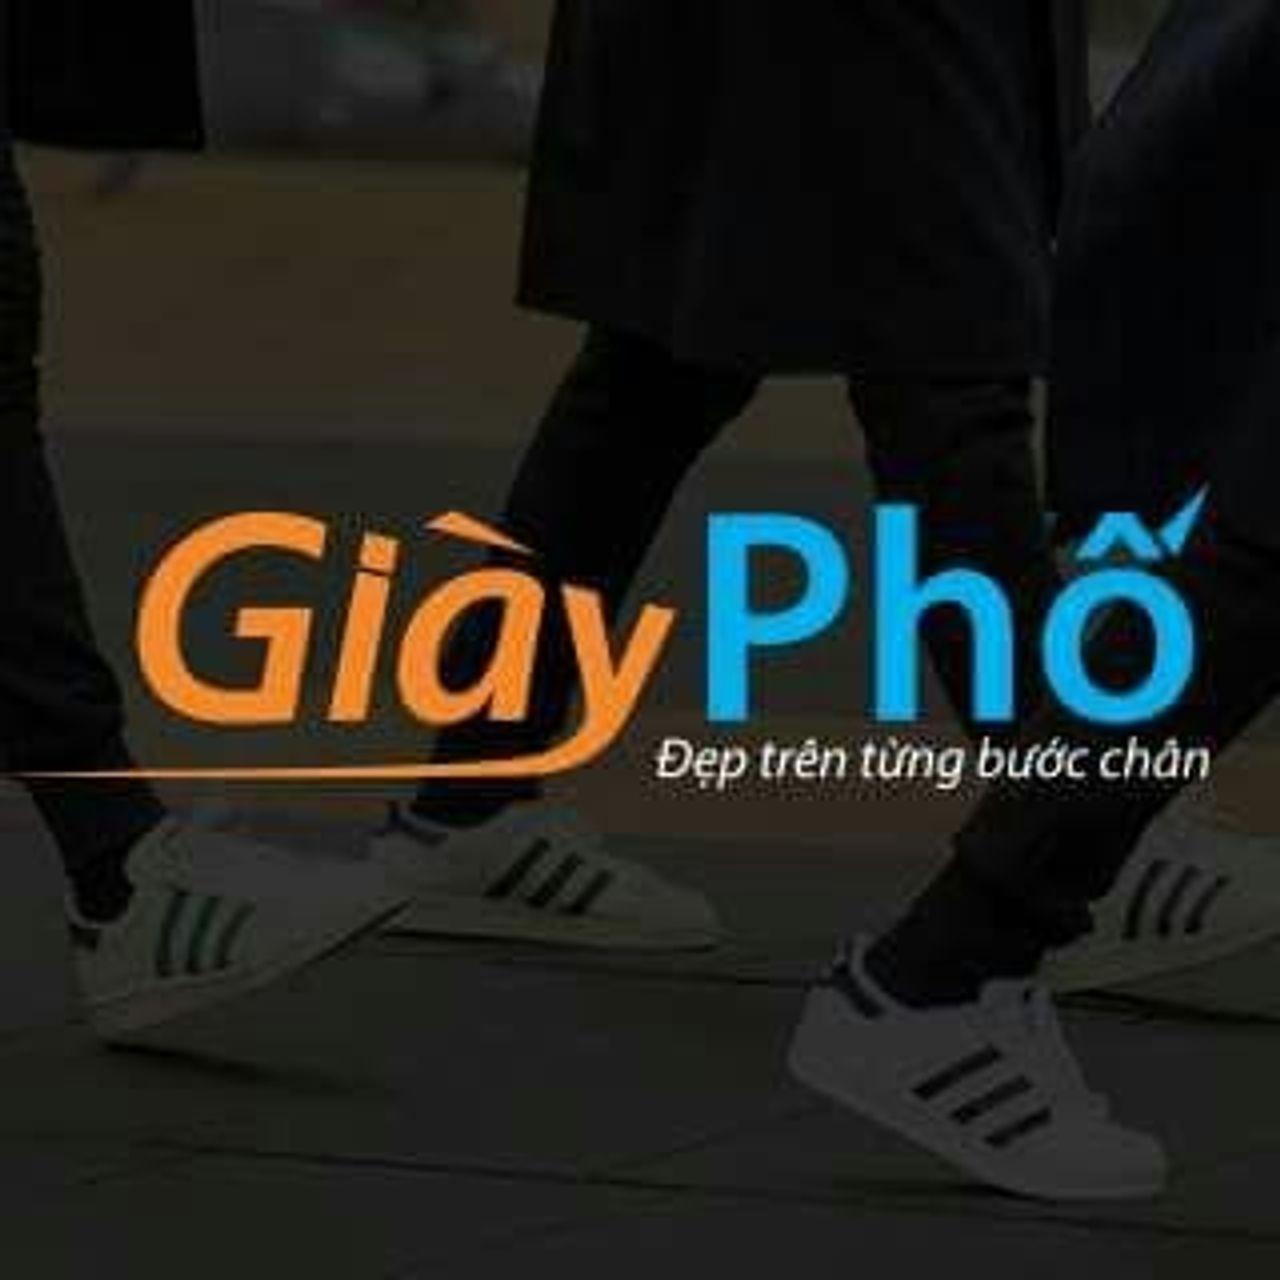 Kho Giày Phố